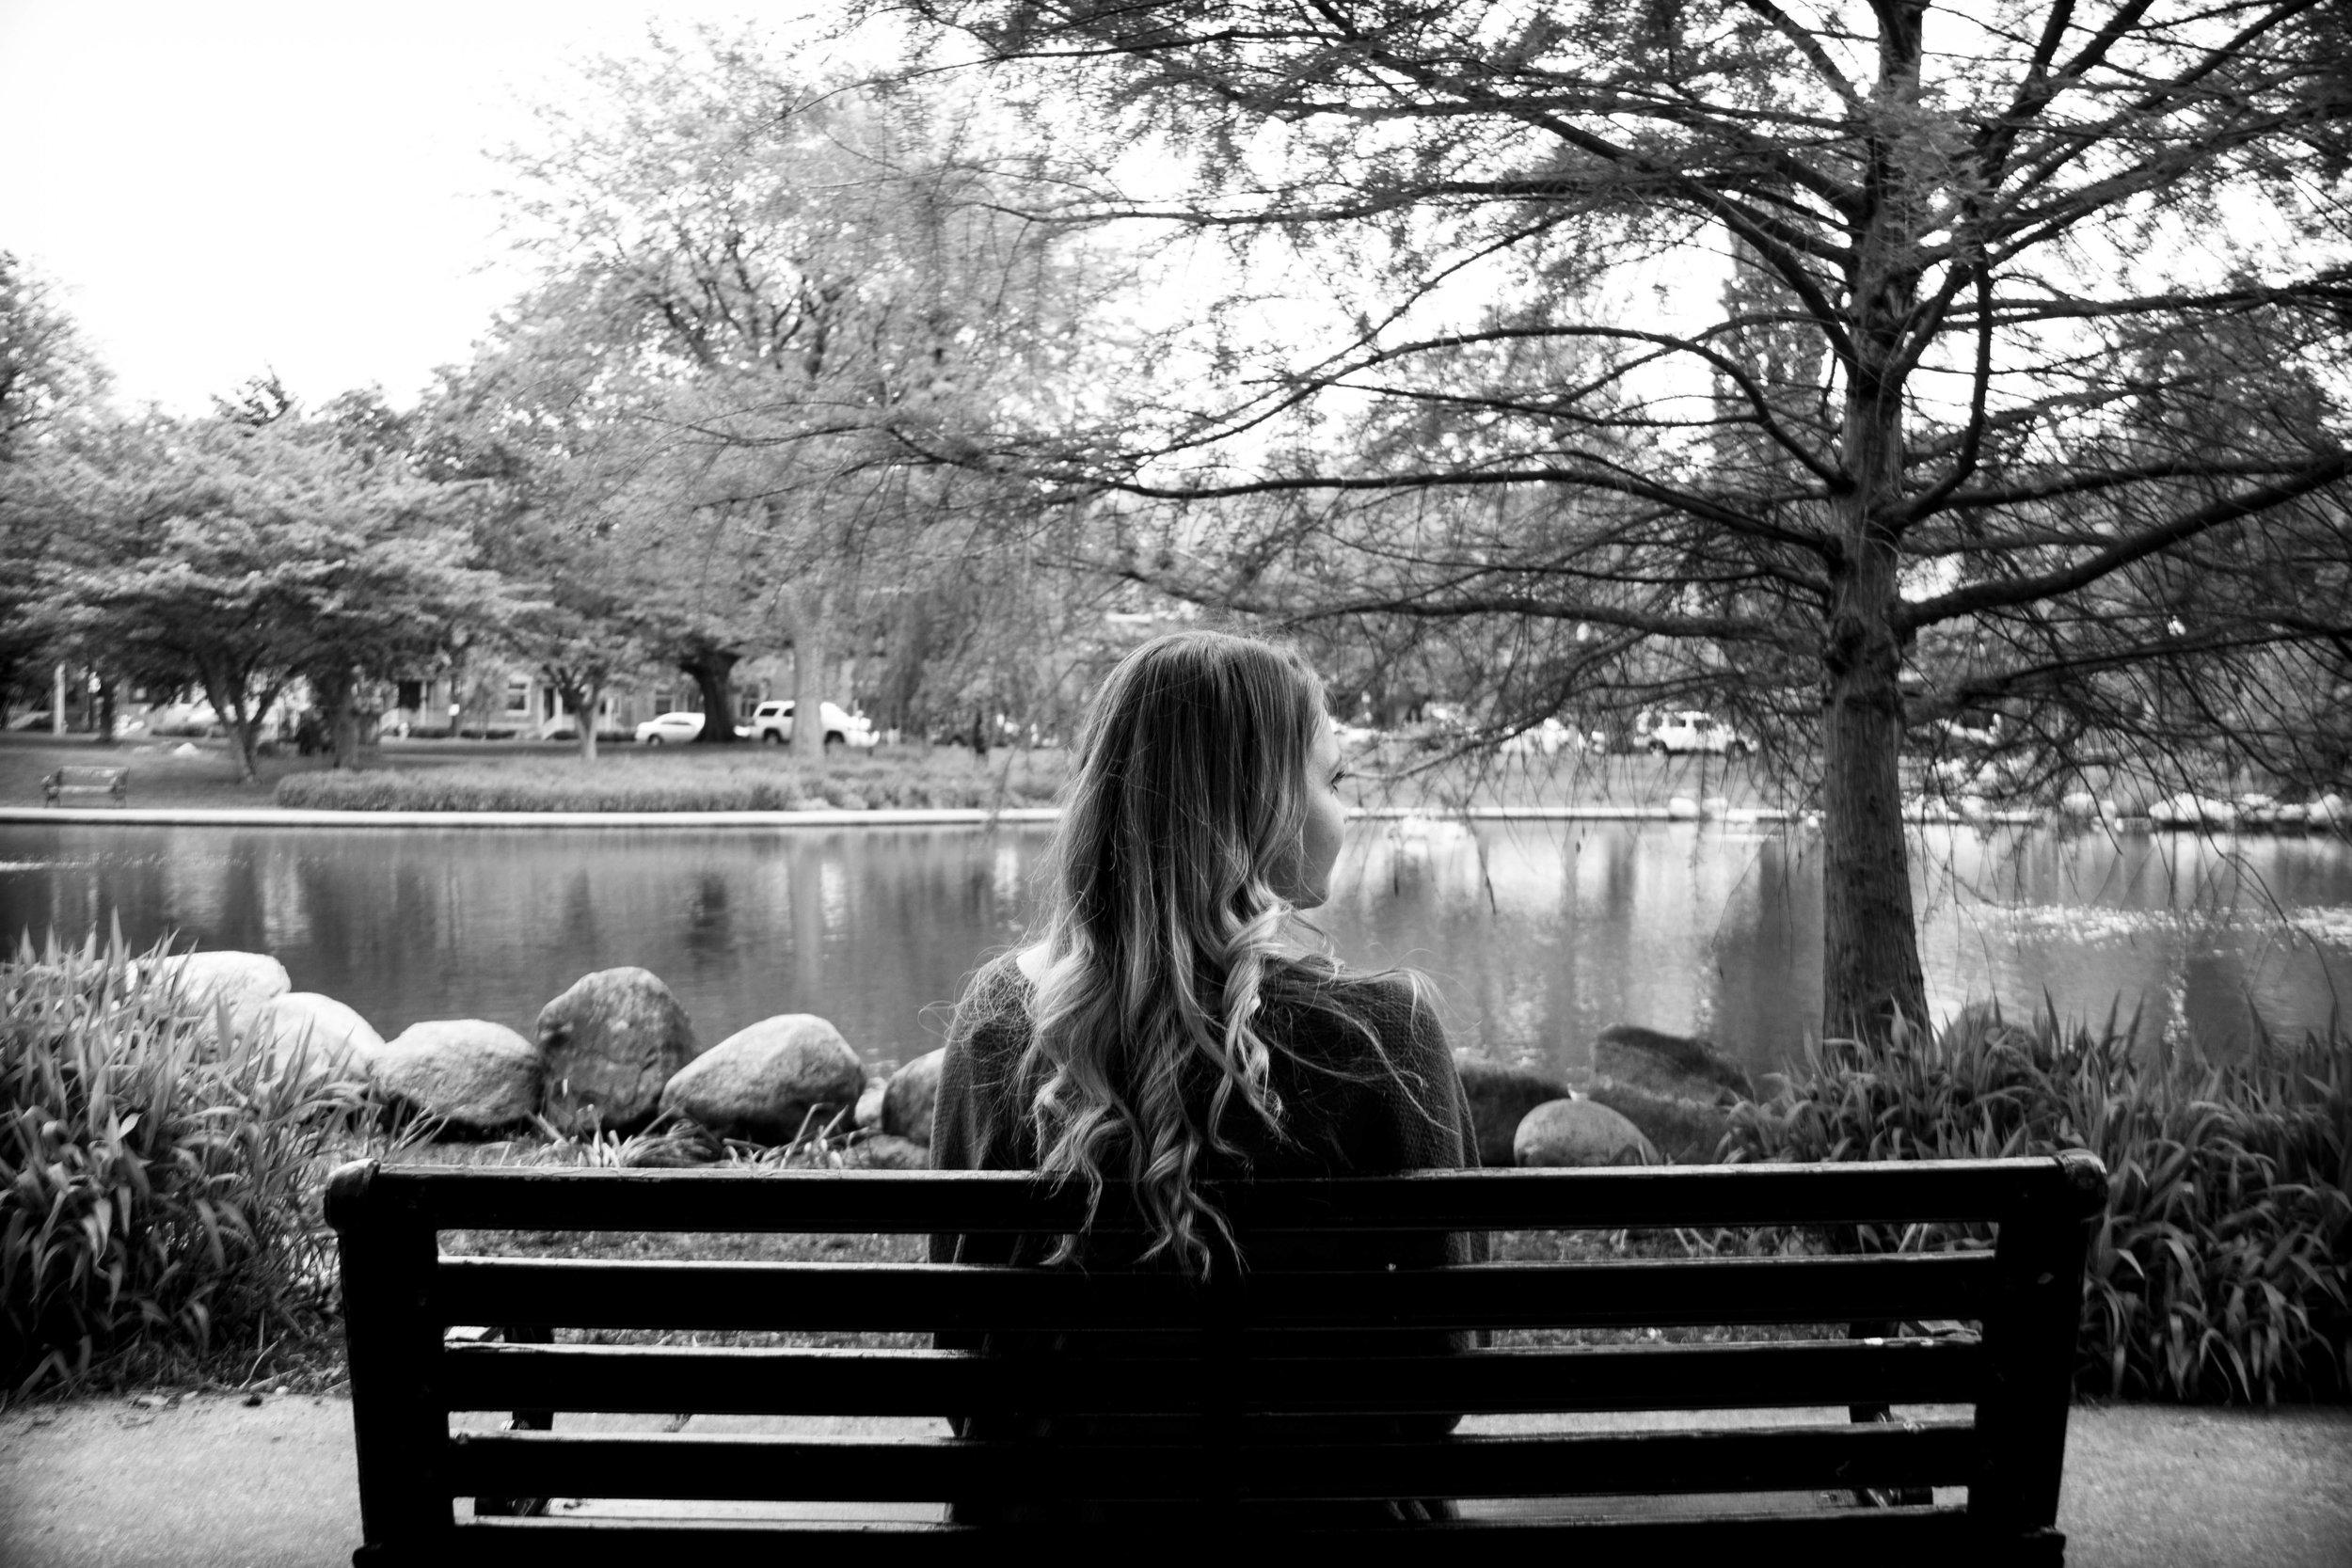 Sara_sitting-3.jpg